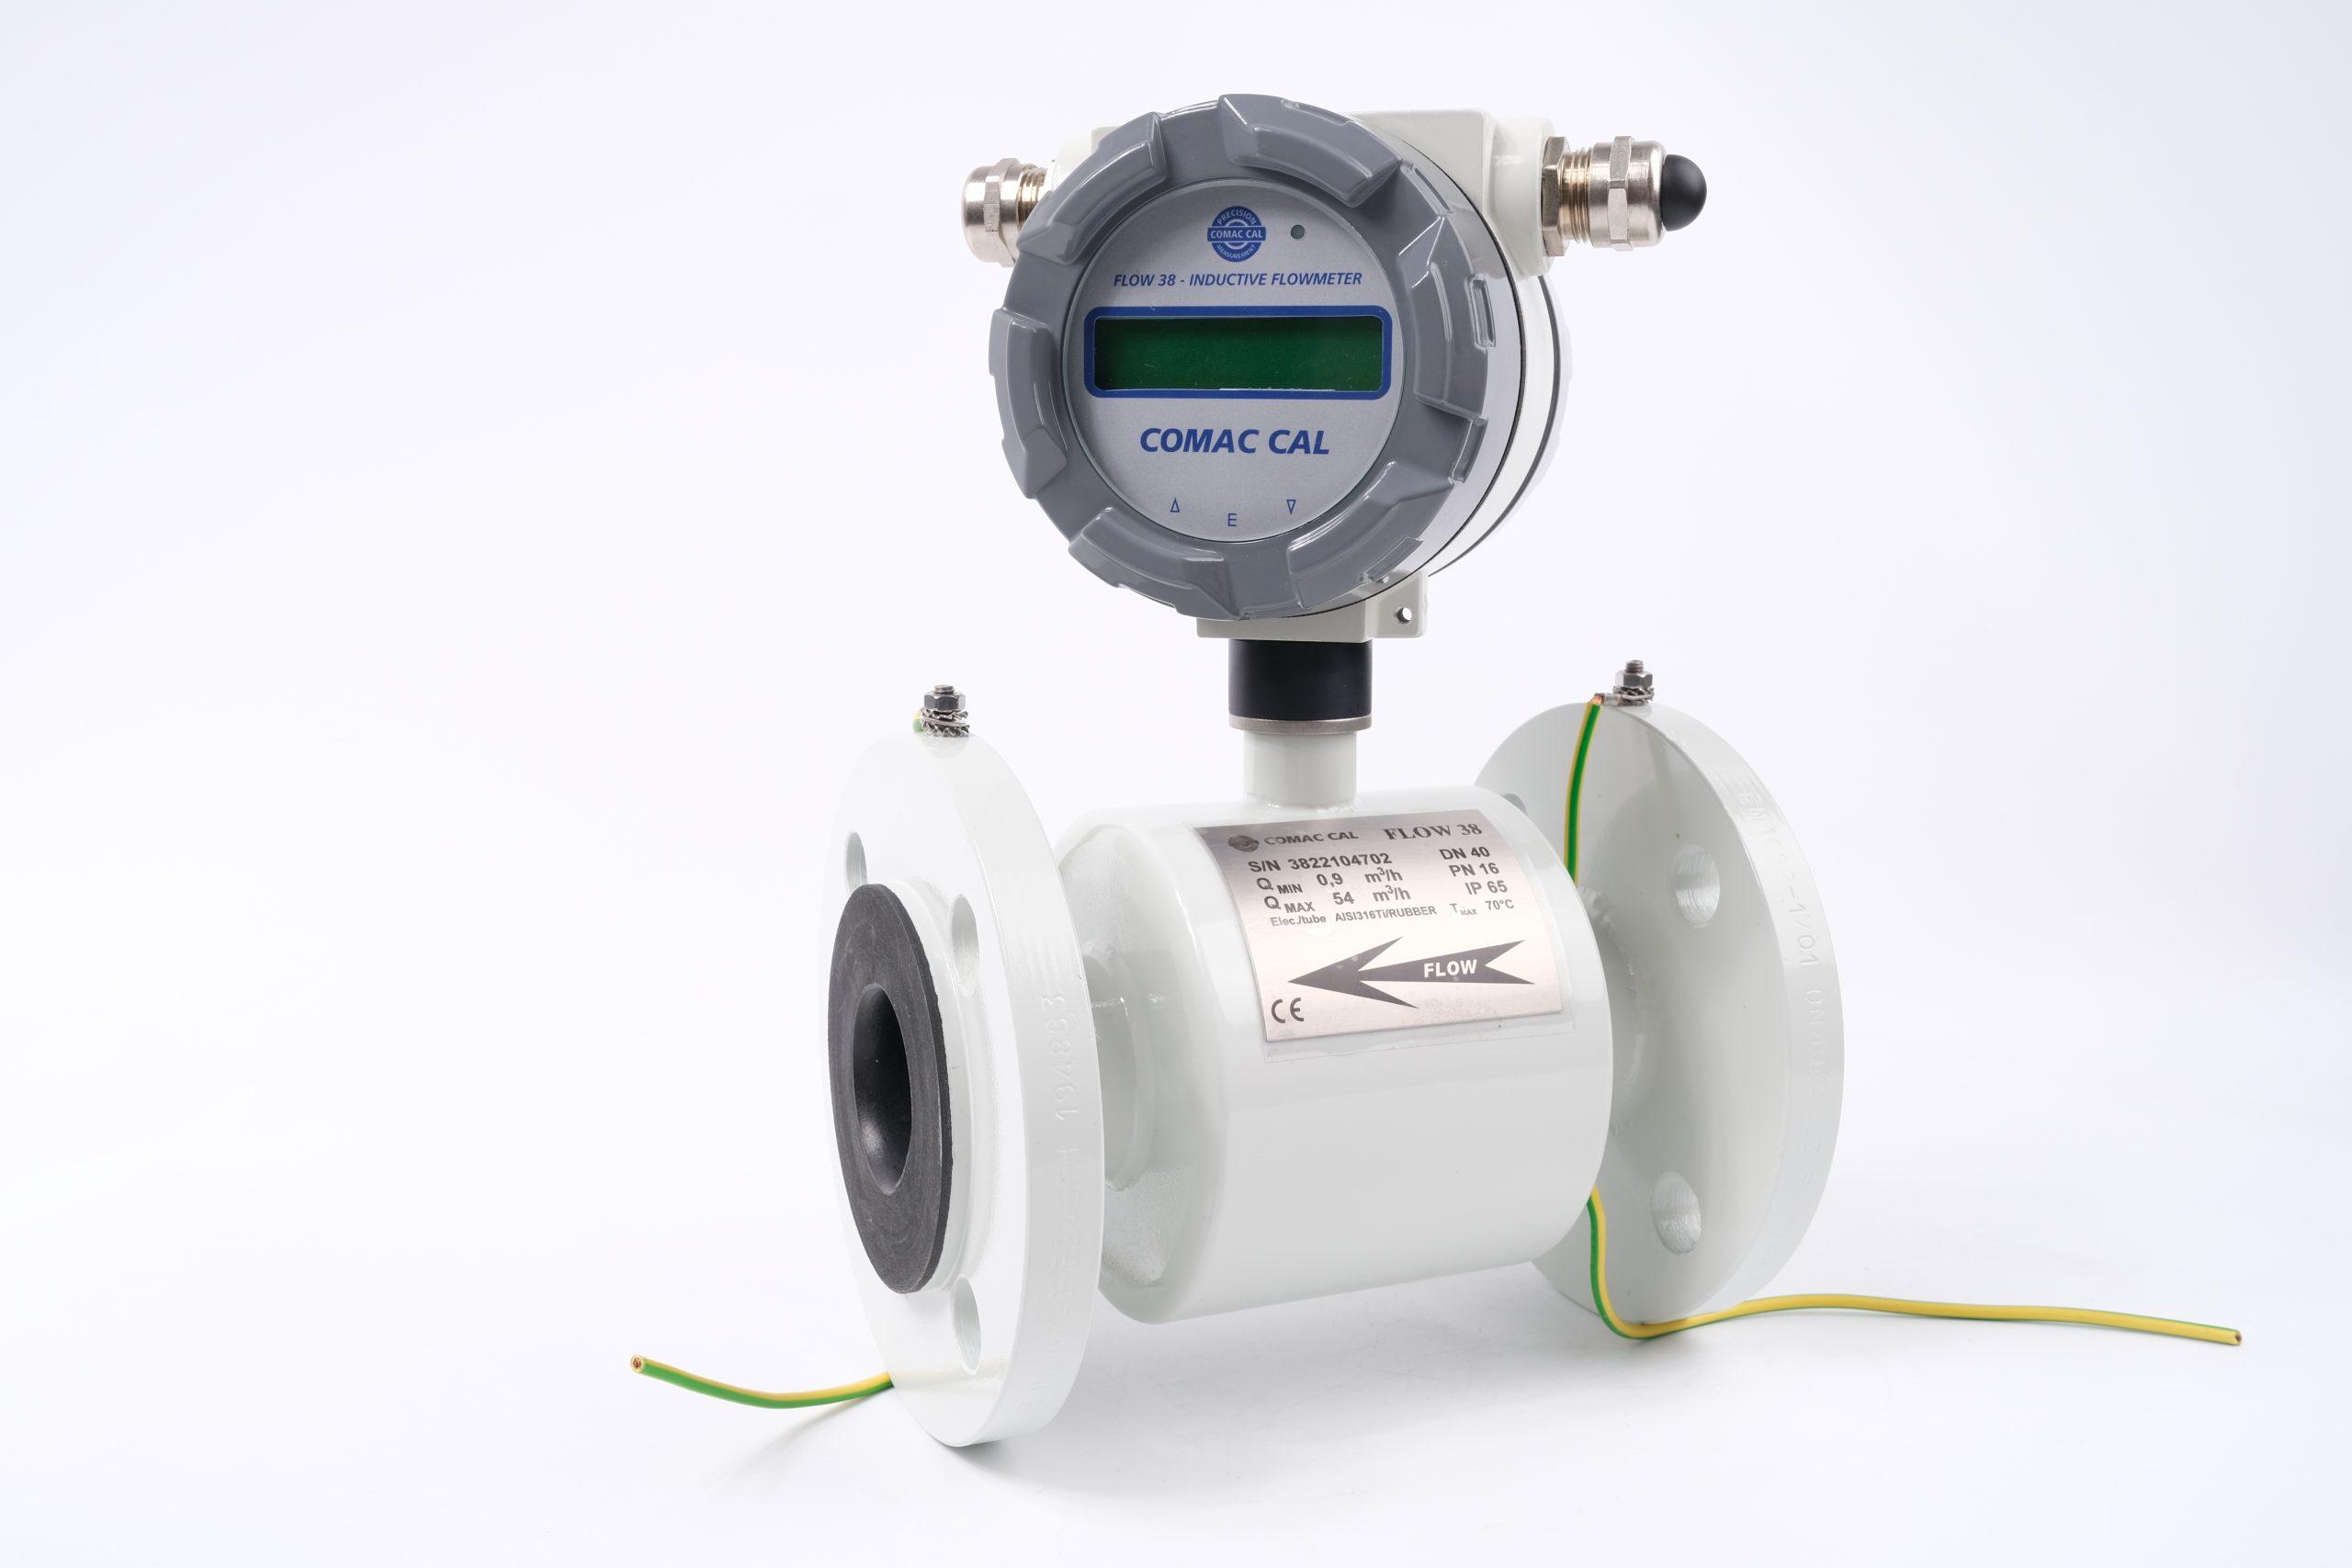 Đồng hồ đo lưu lượng nước thải Flow 38